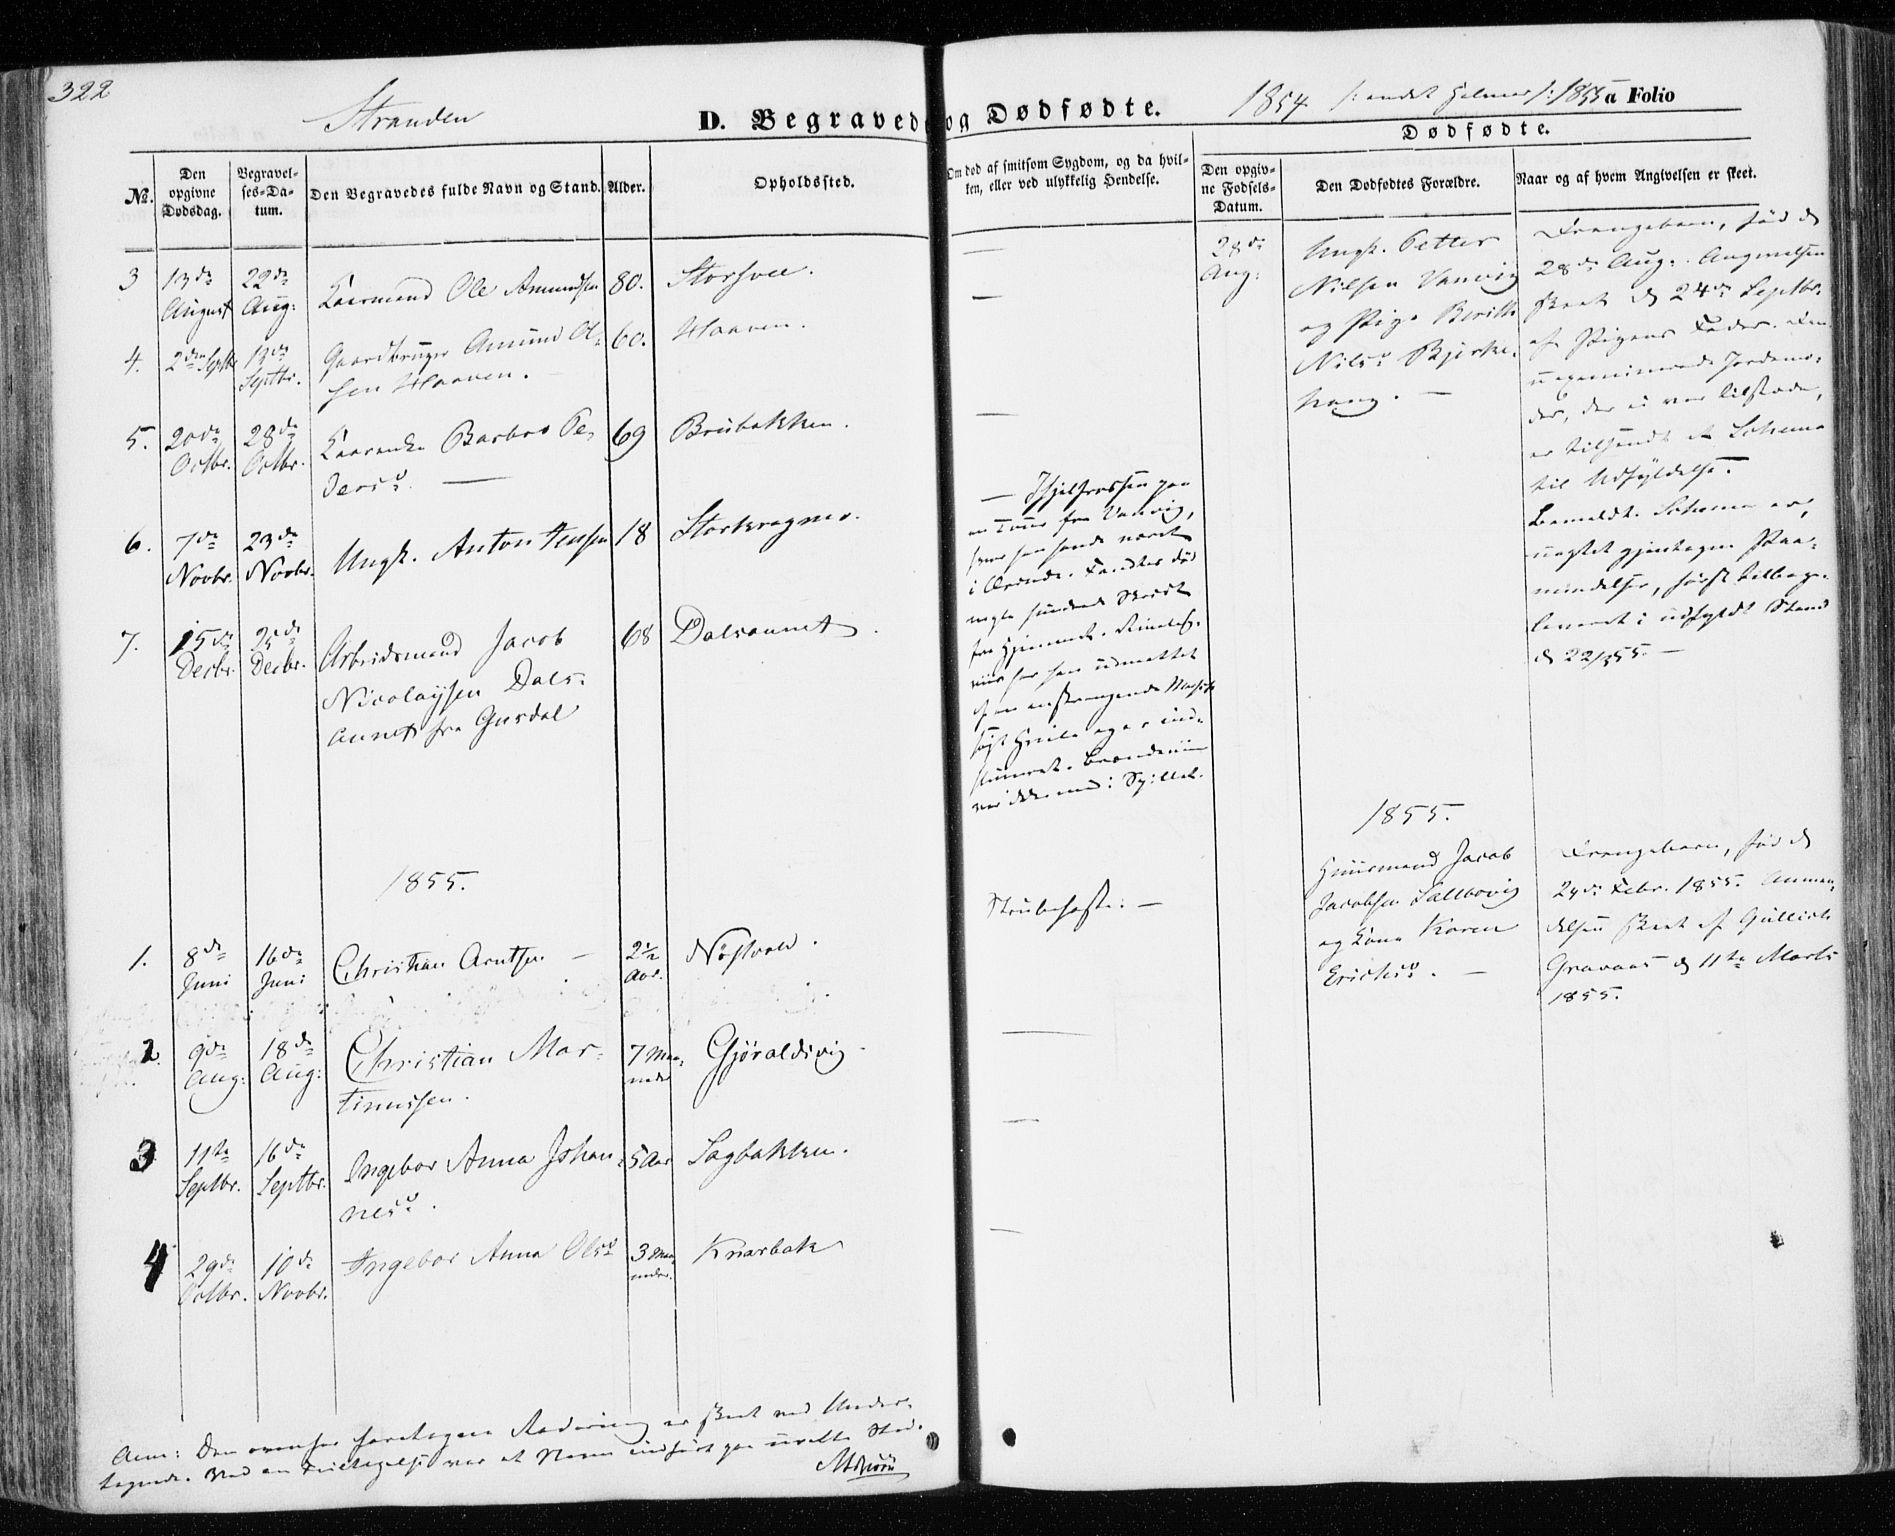 SAT, Ministerialprotokoller, klokkerbøker og fødselsregistre - Nord-Trøndelag, 701/L0008: Ministerialbok nr. 701A08 /2, 1854-1863, s. 322